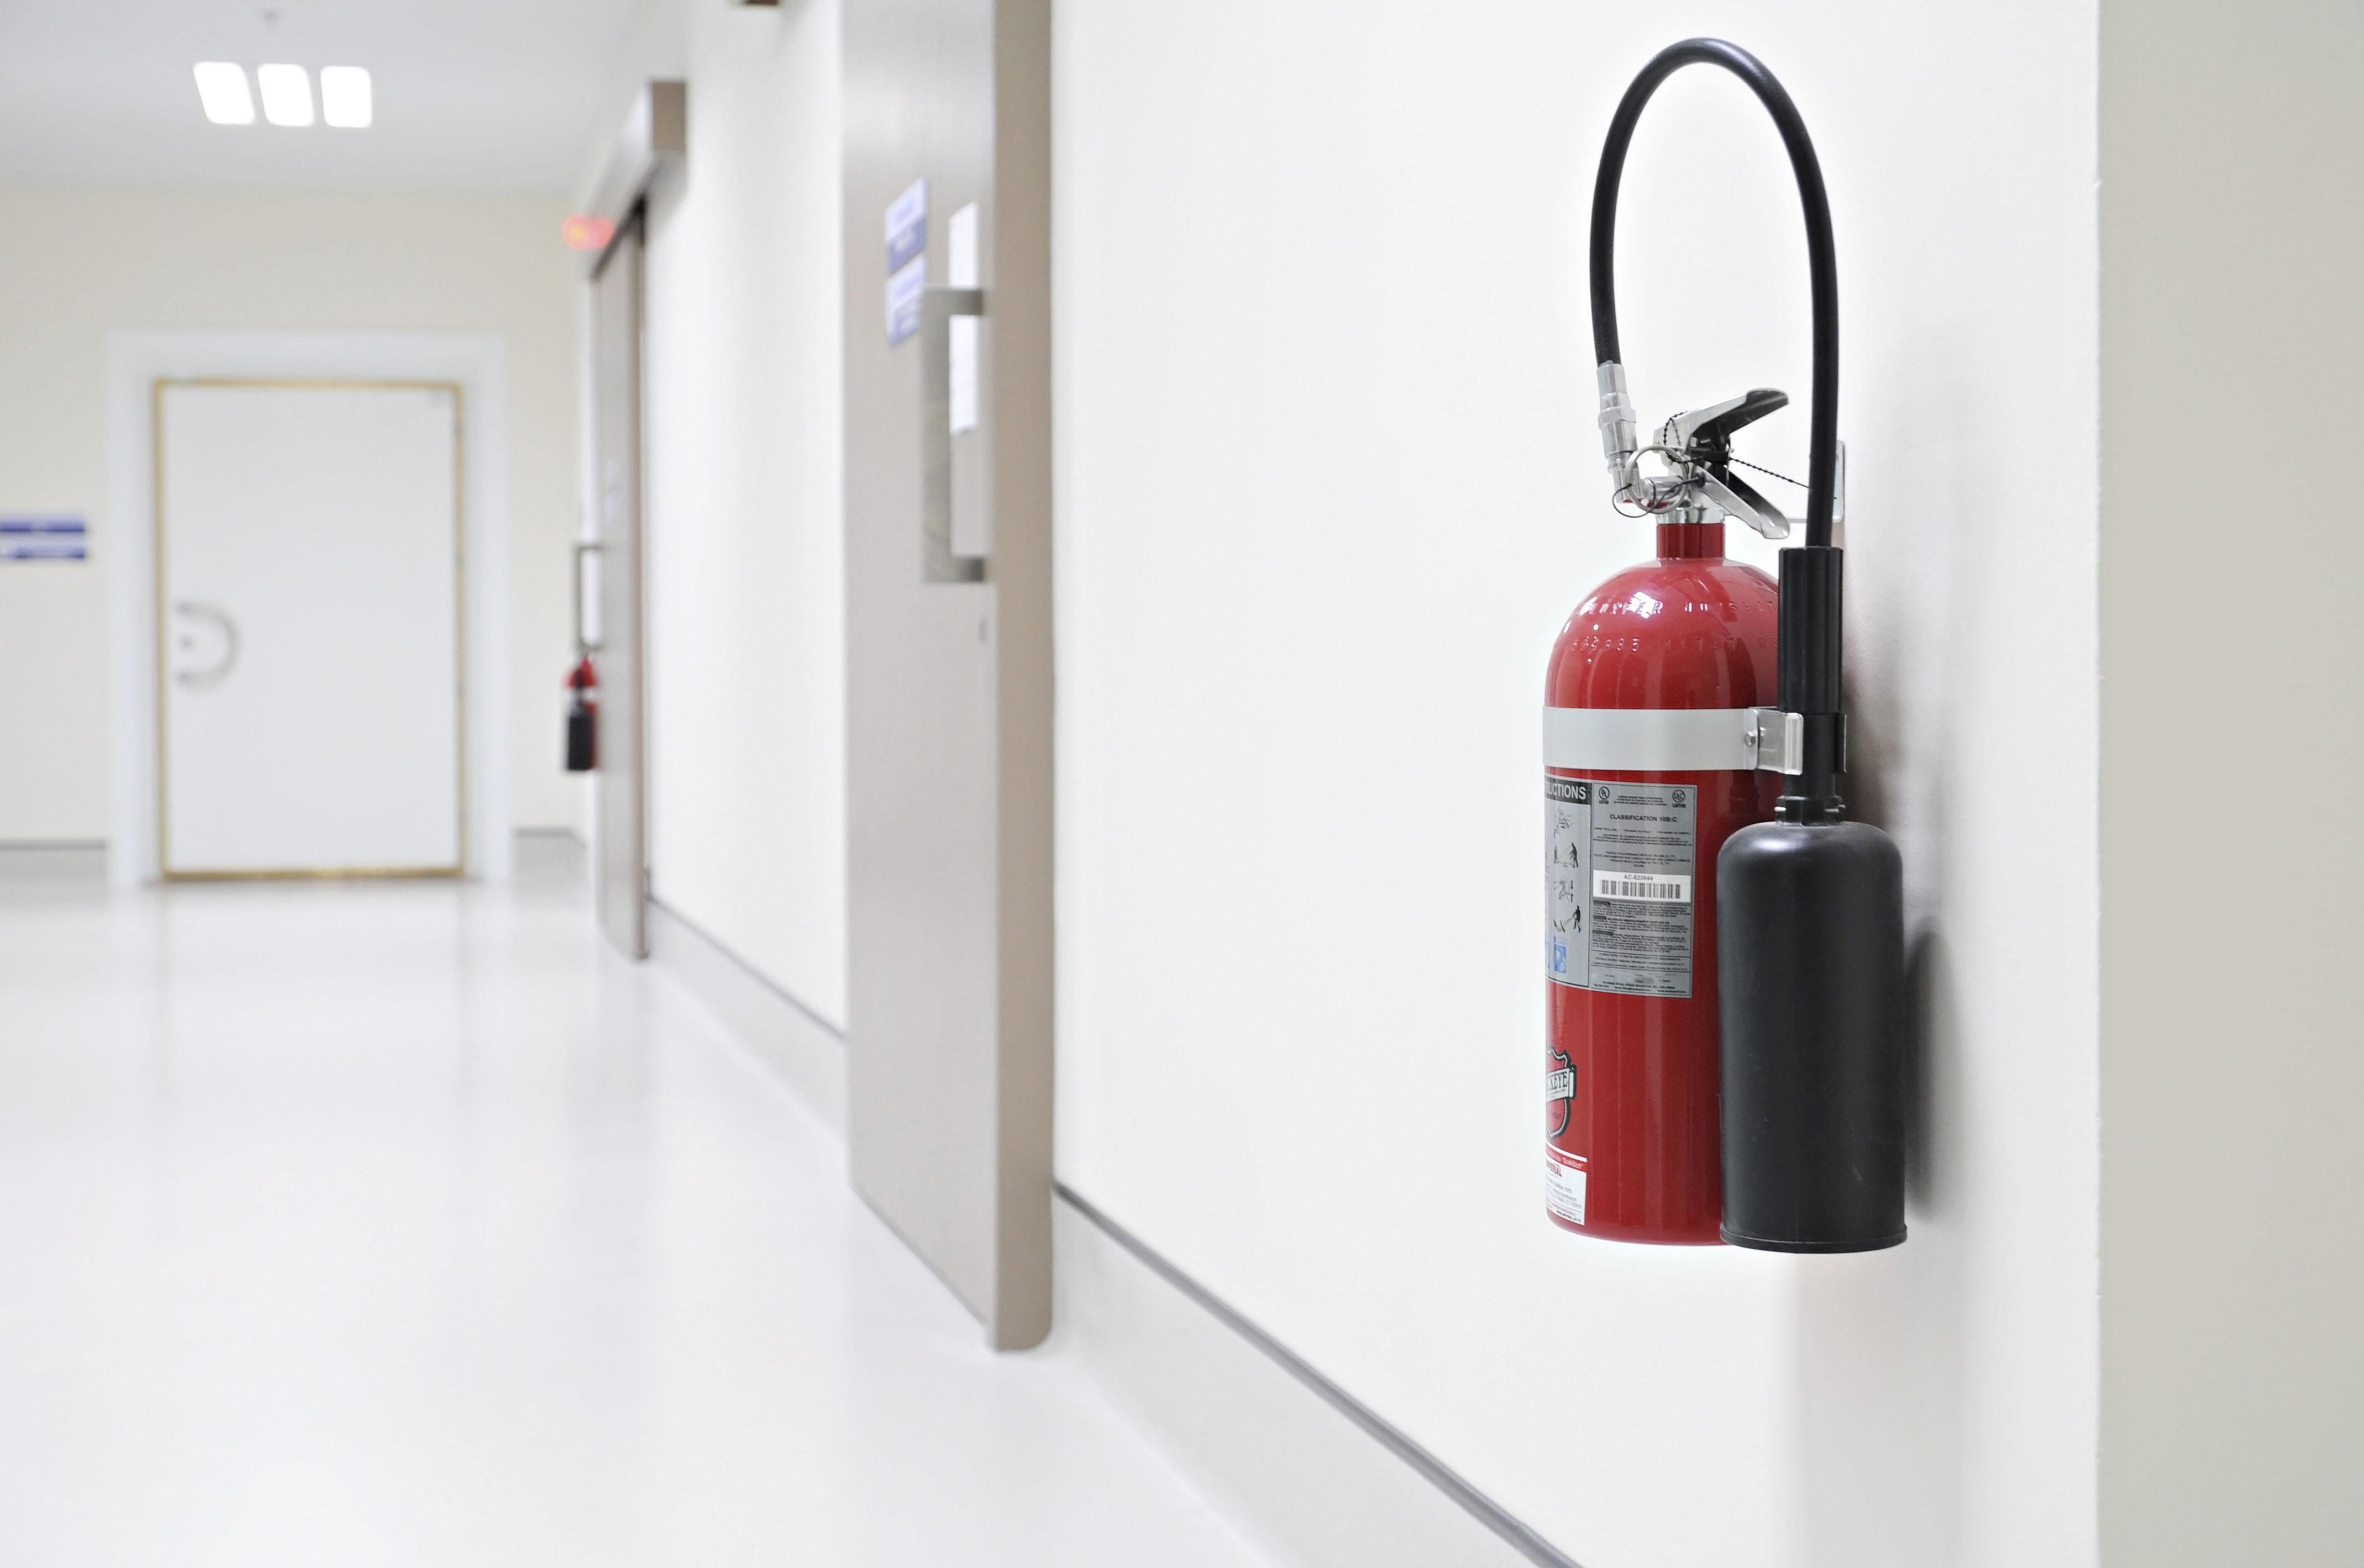 Venta y mantenimiento de extintores: Productos y servicios de Josma Foc